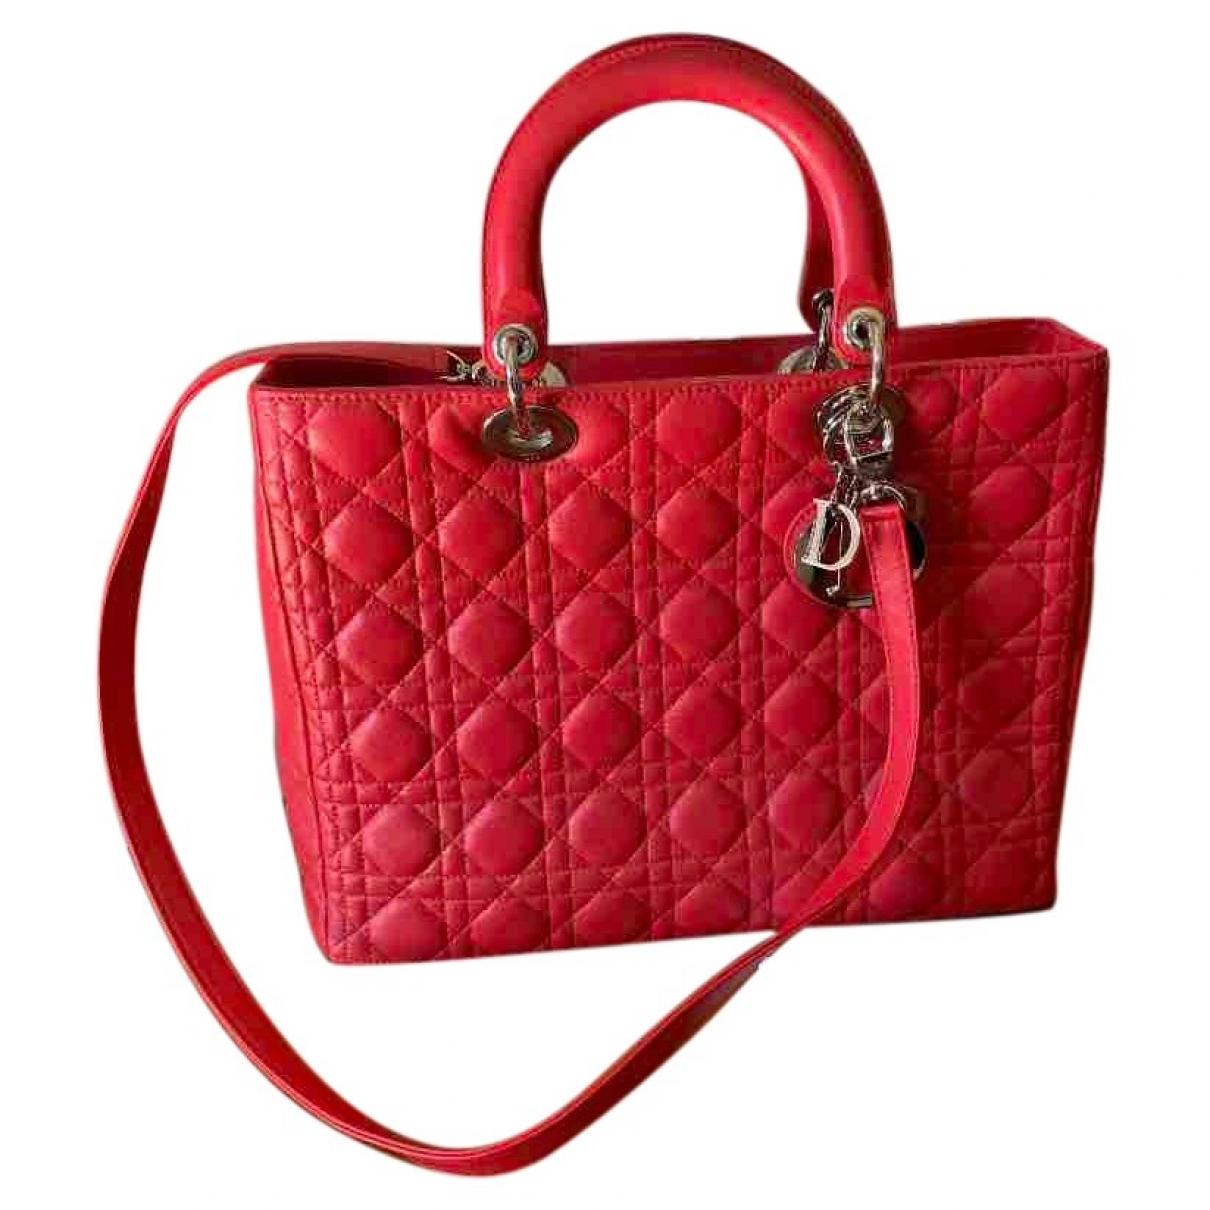 Dior - Sac a main Lady Dior pour femme en cuir